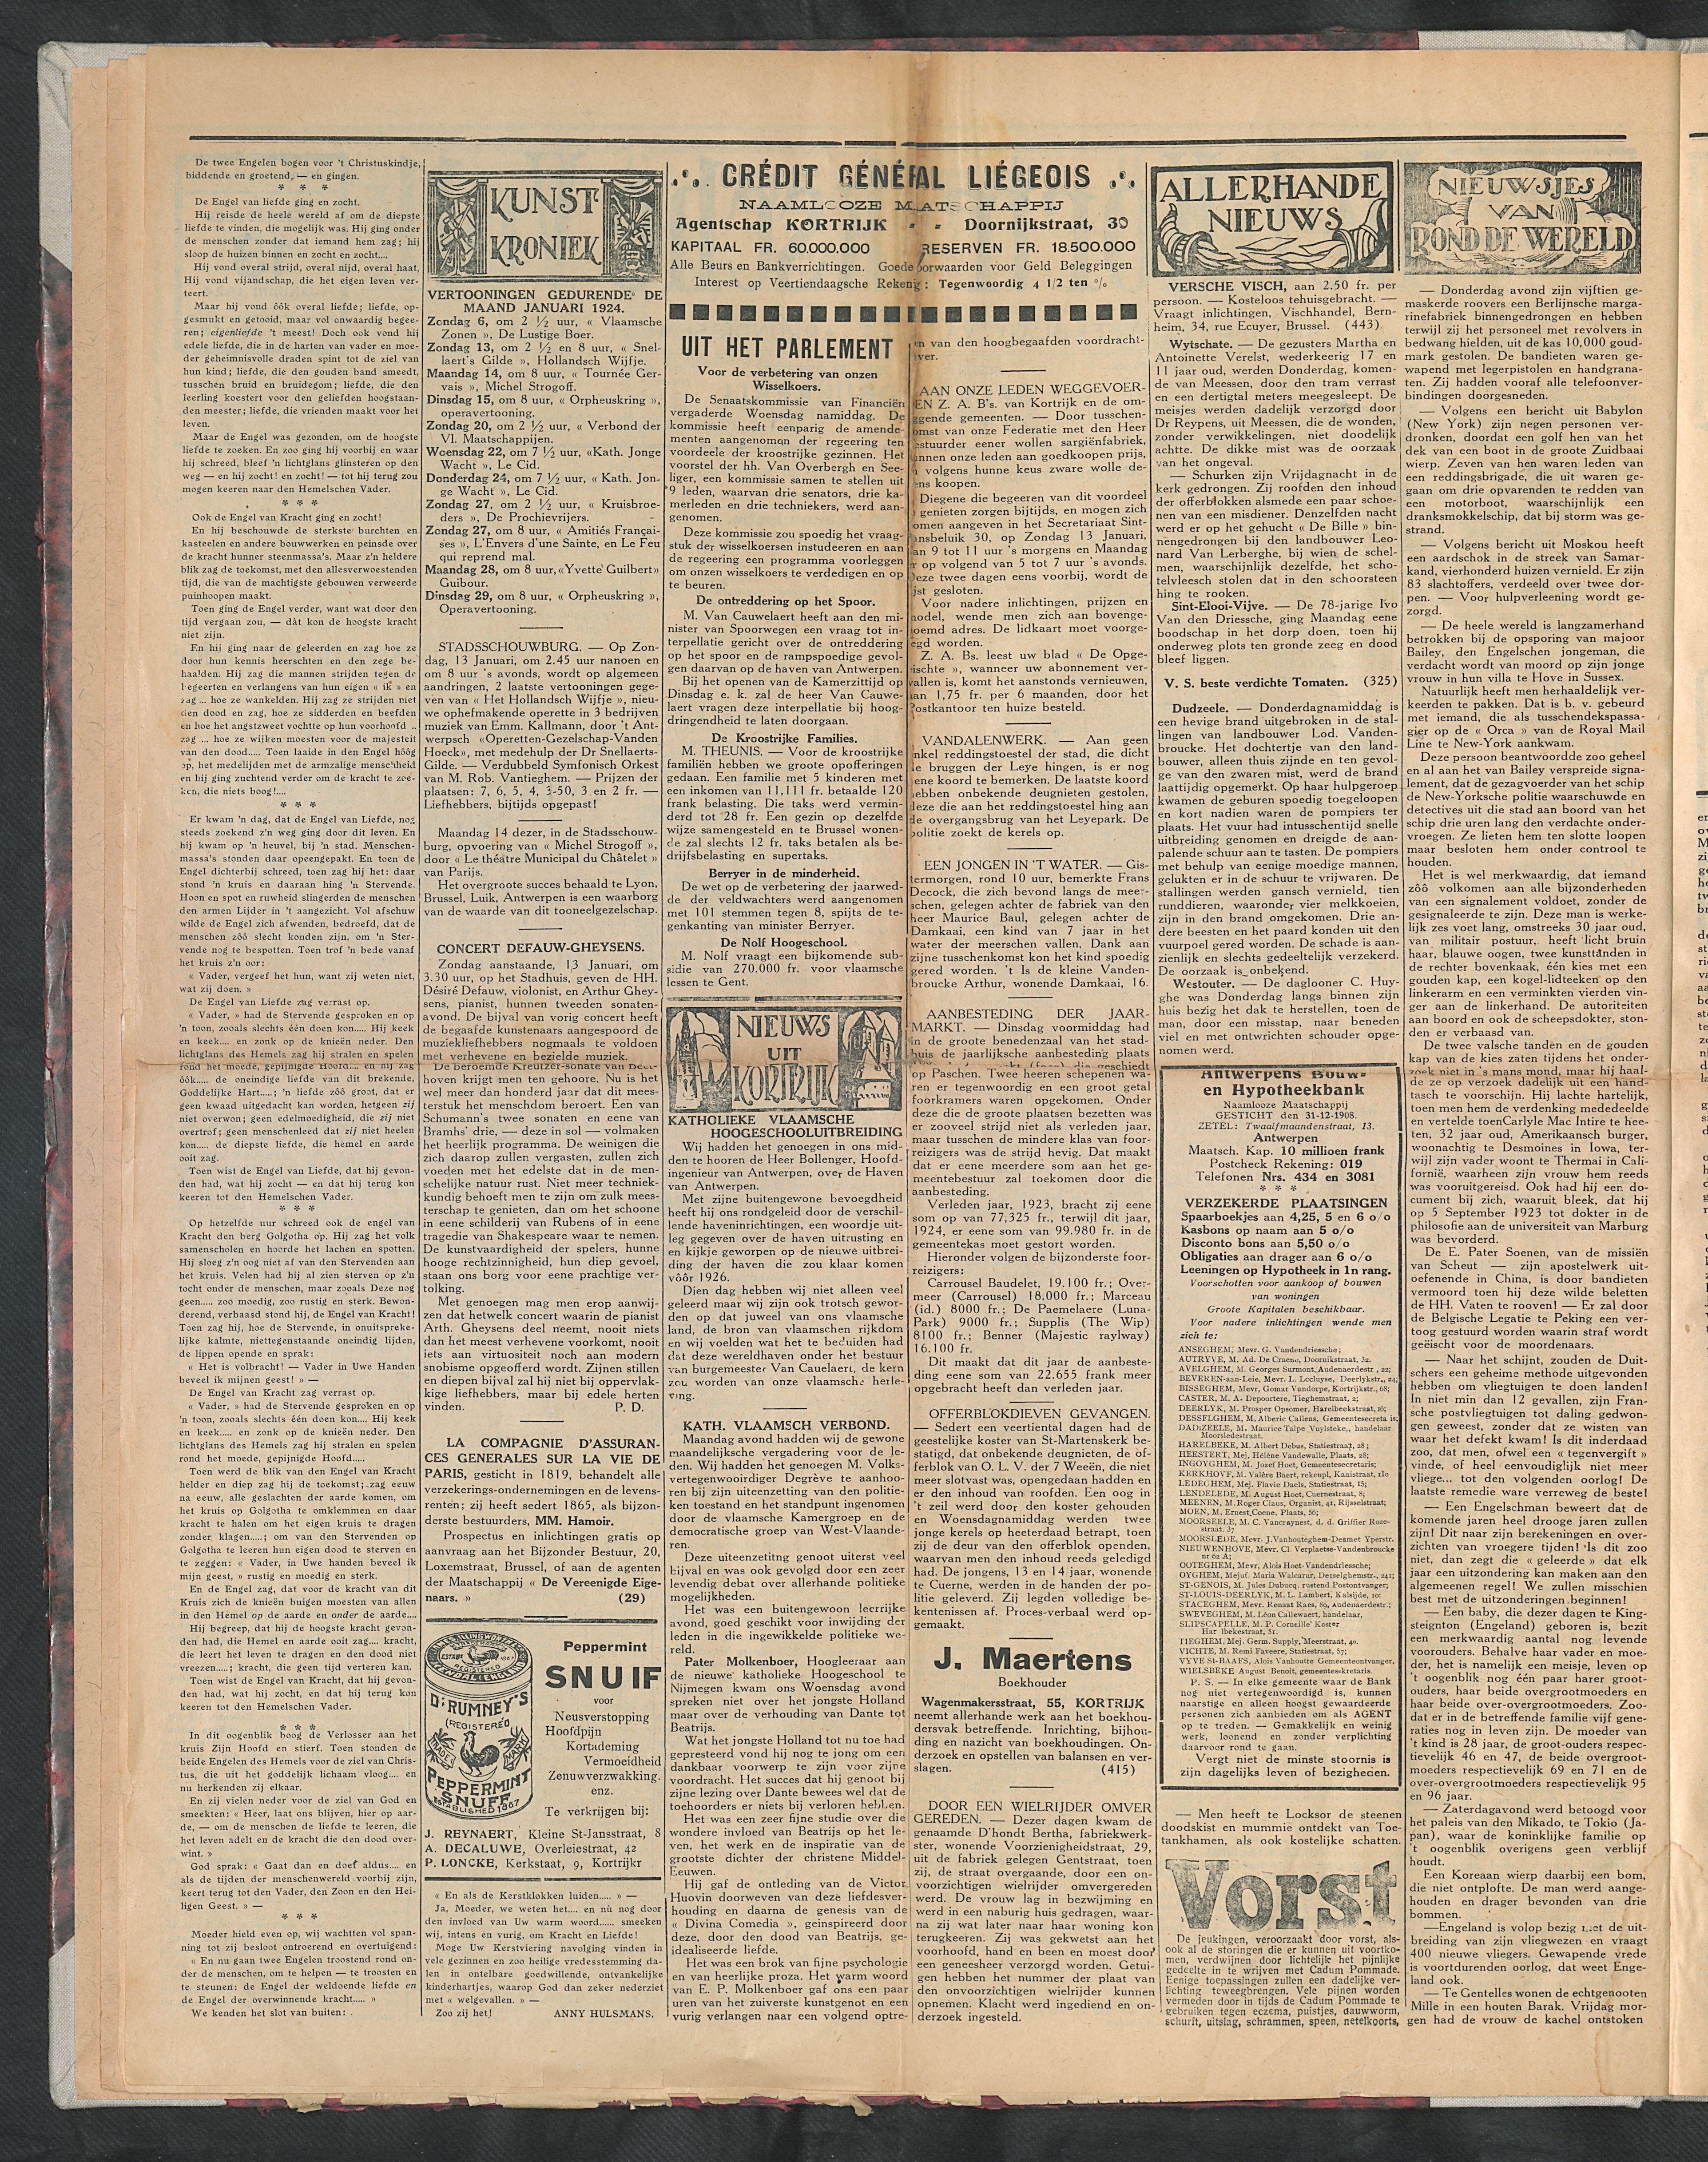 Het Kortrijksche Volk 1924-01-13 p2